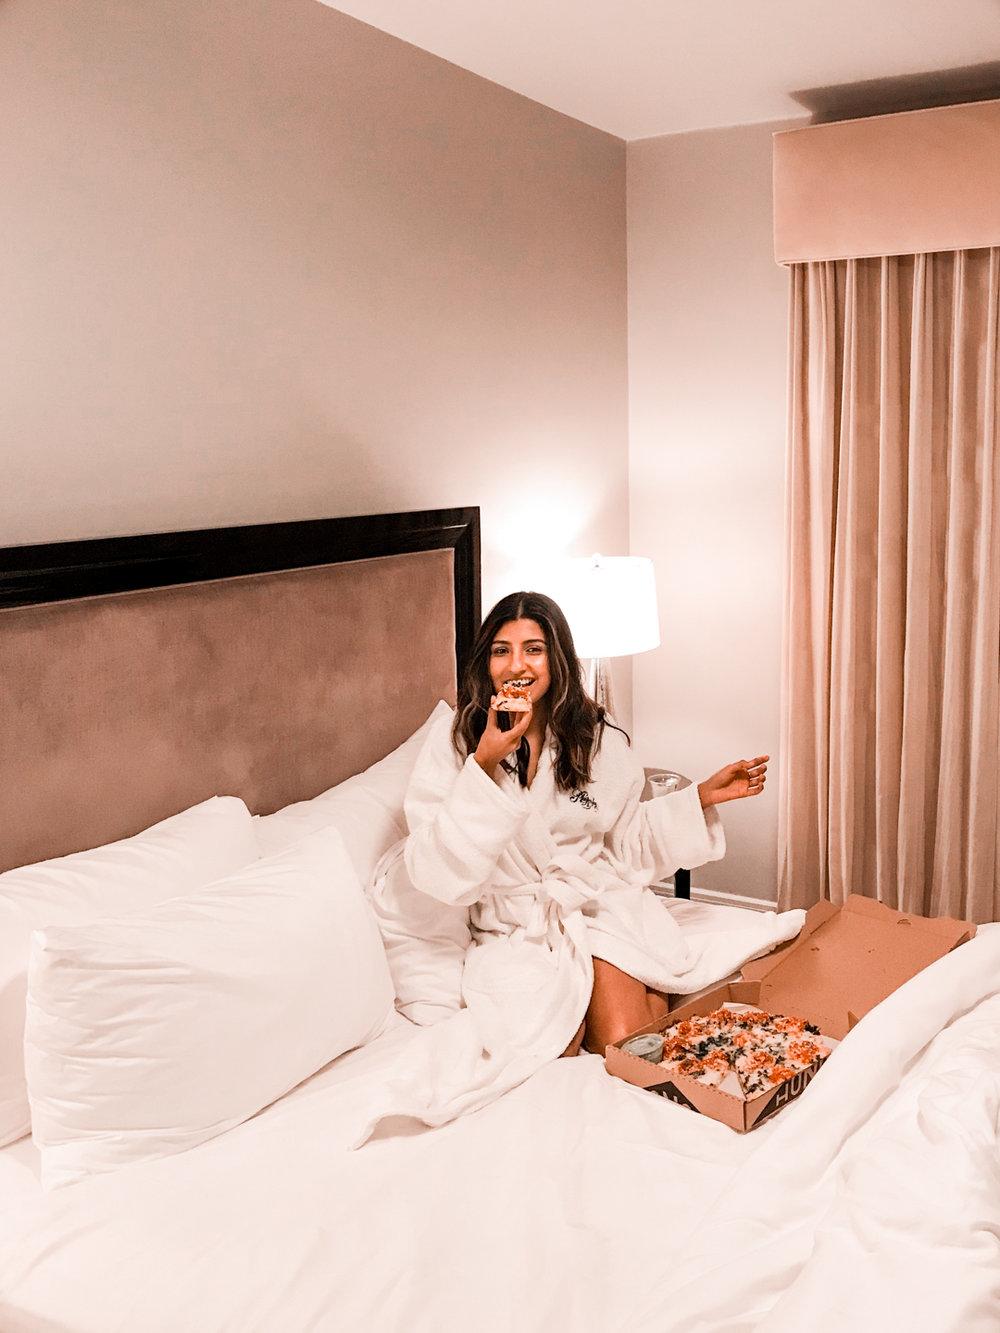 montecito-inn-staycation-travel-blogger 4